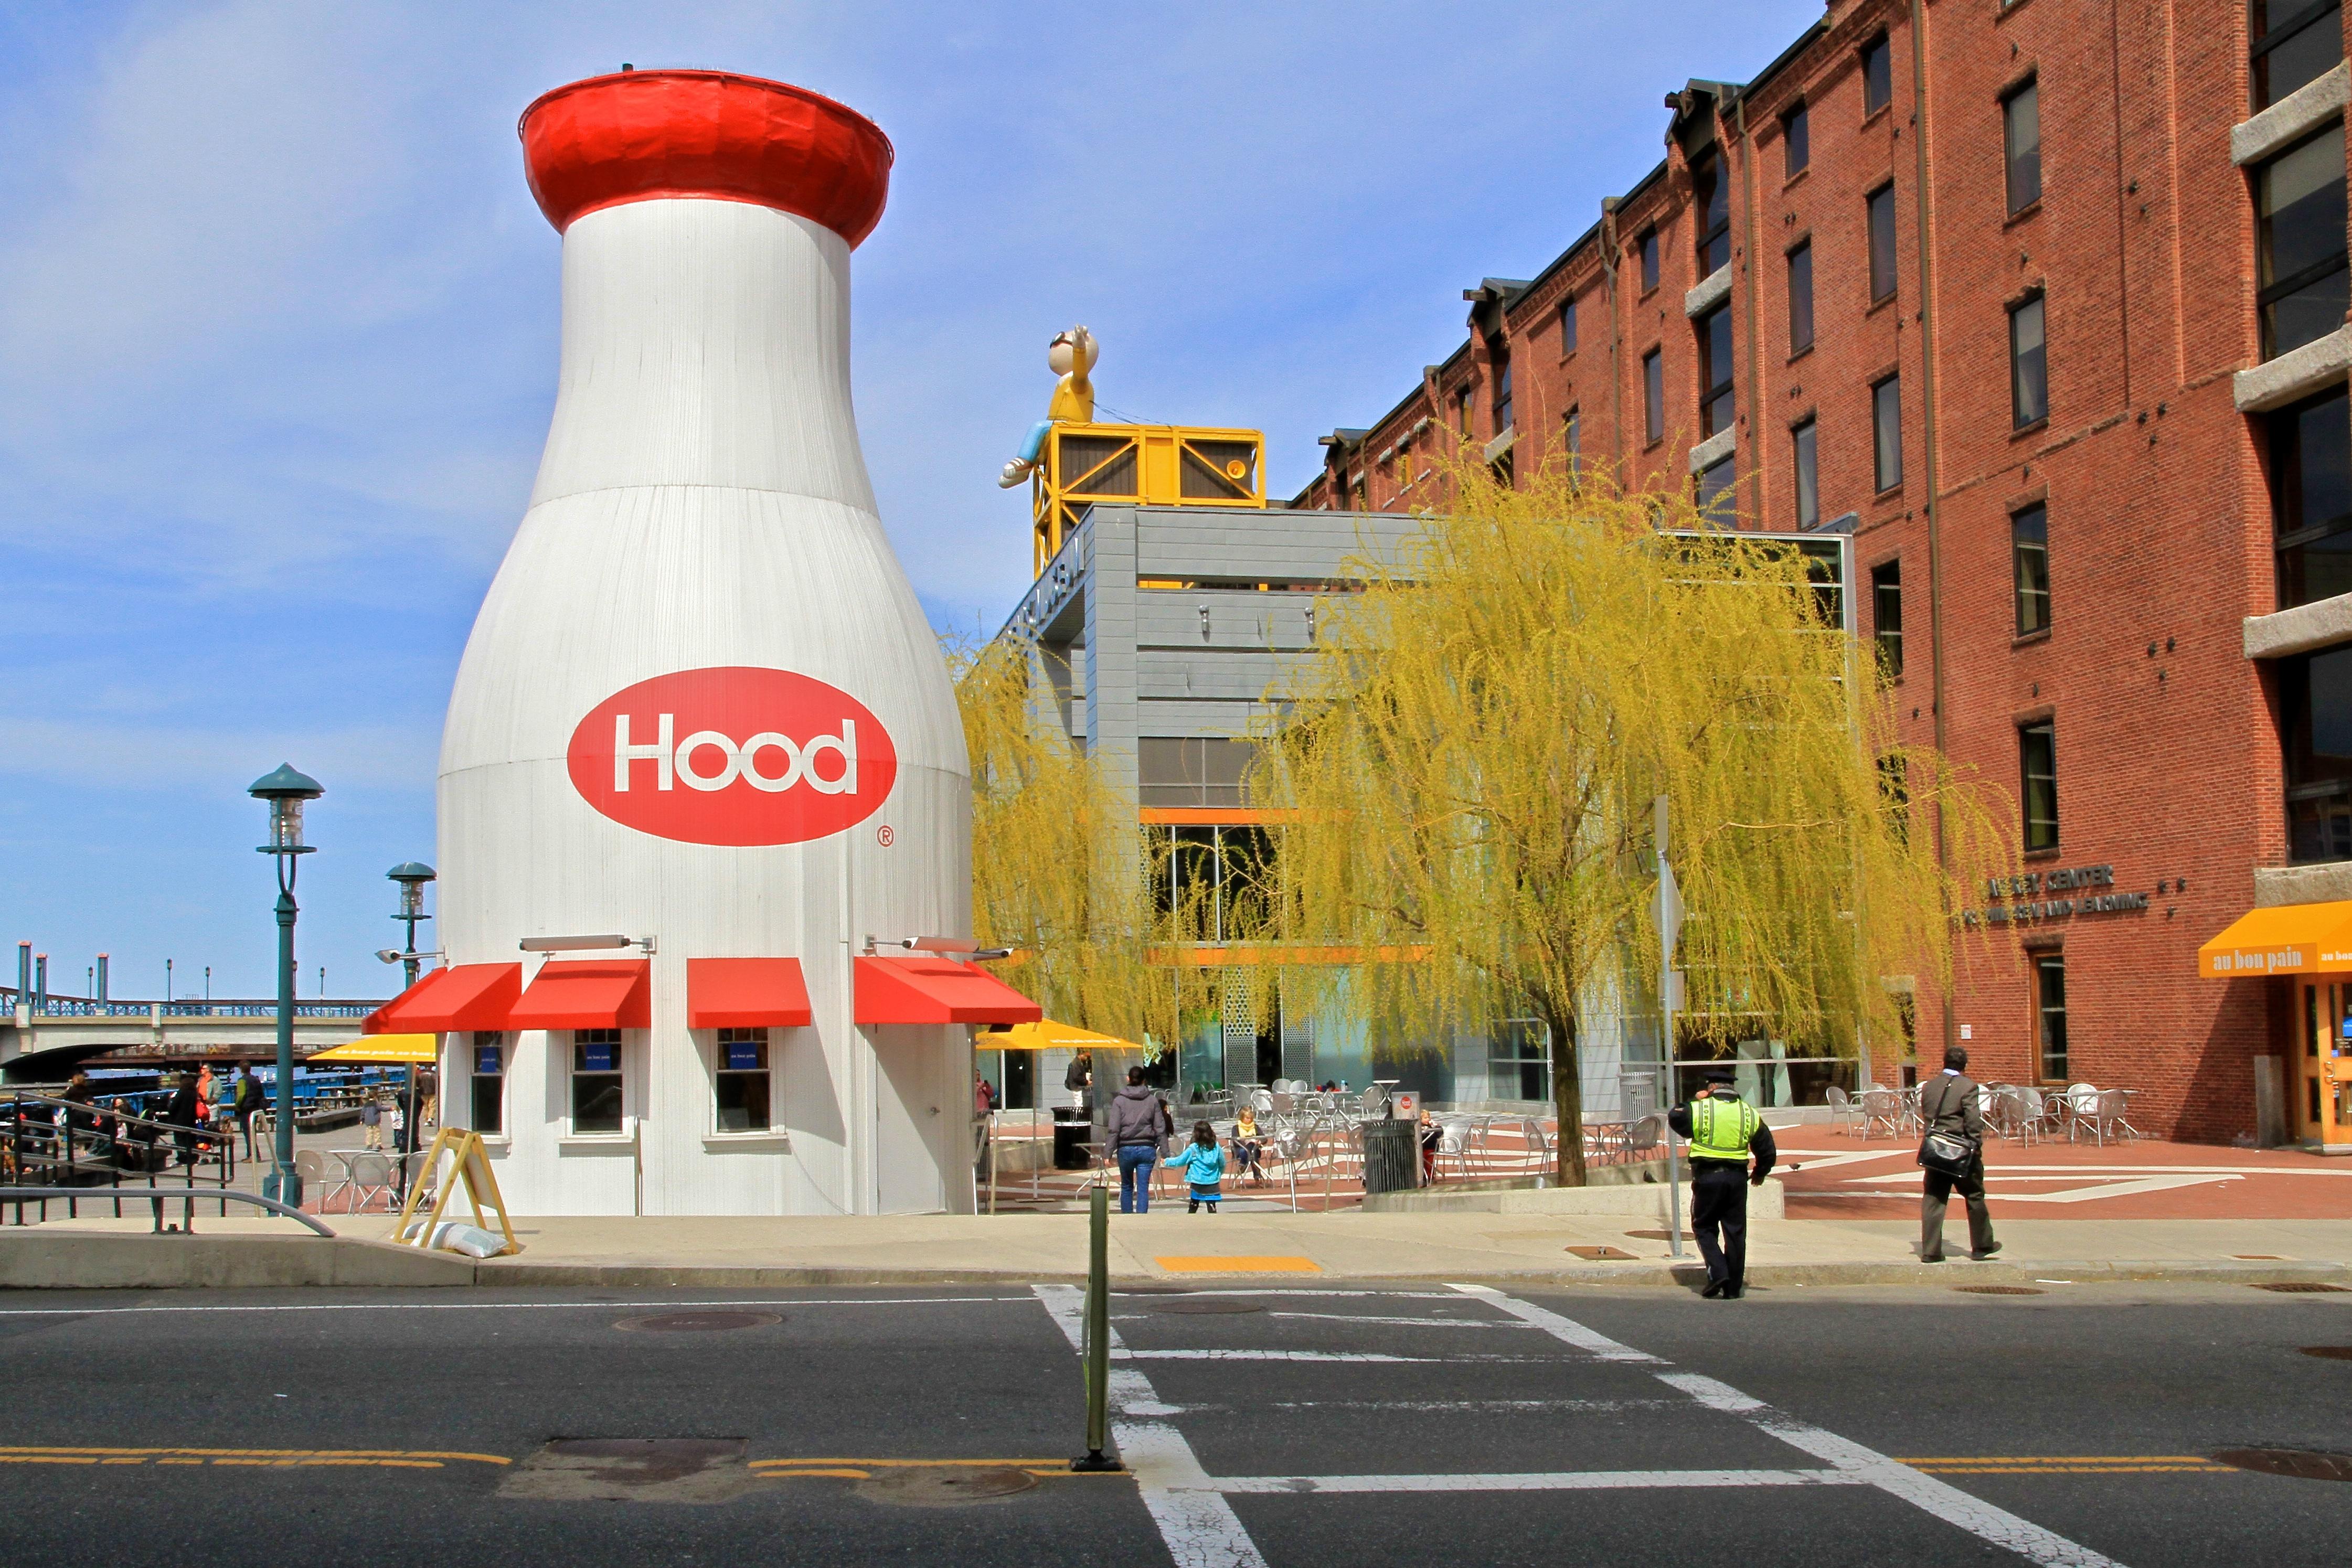 Boston, Museum Wharf, Hood Milk Bottle.jpg